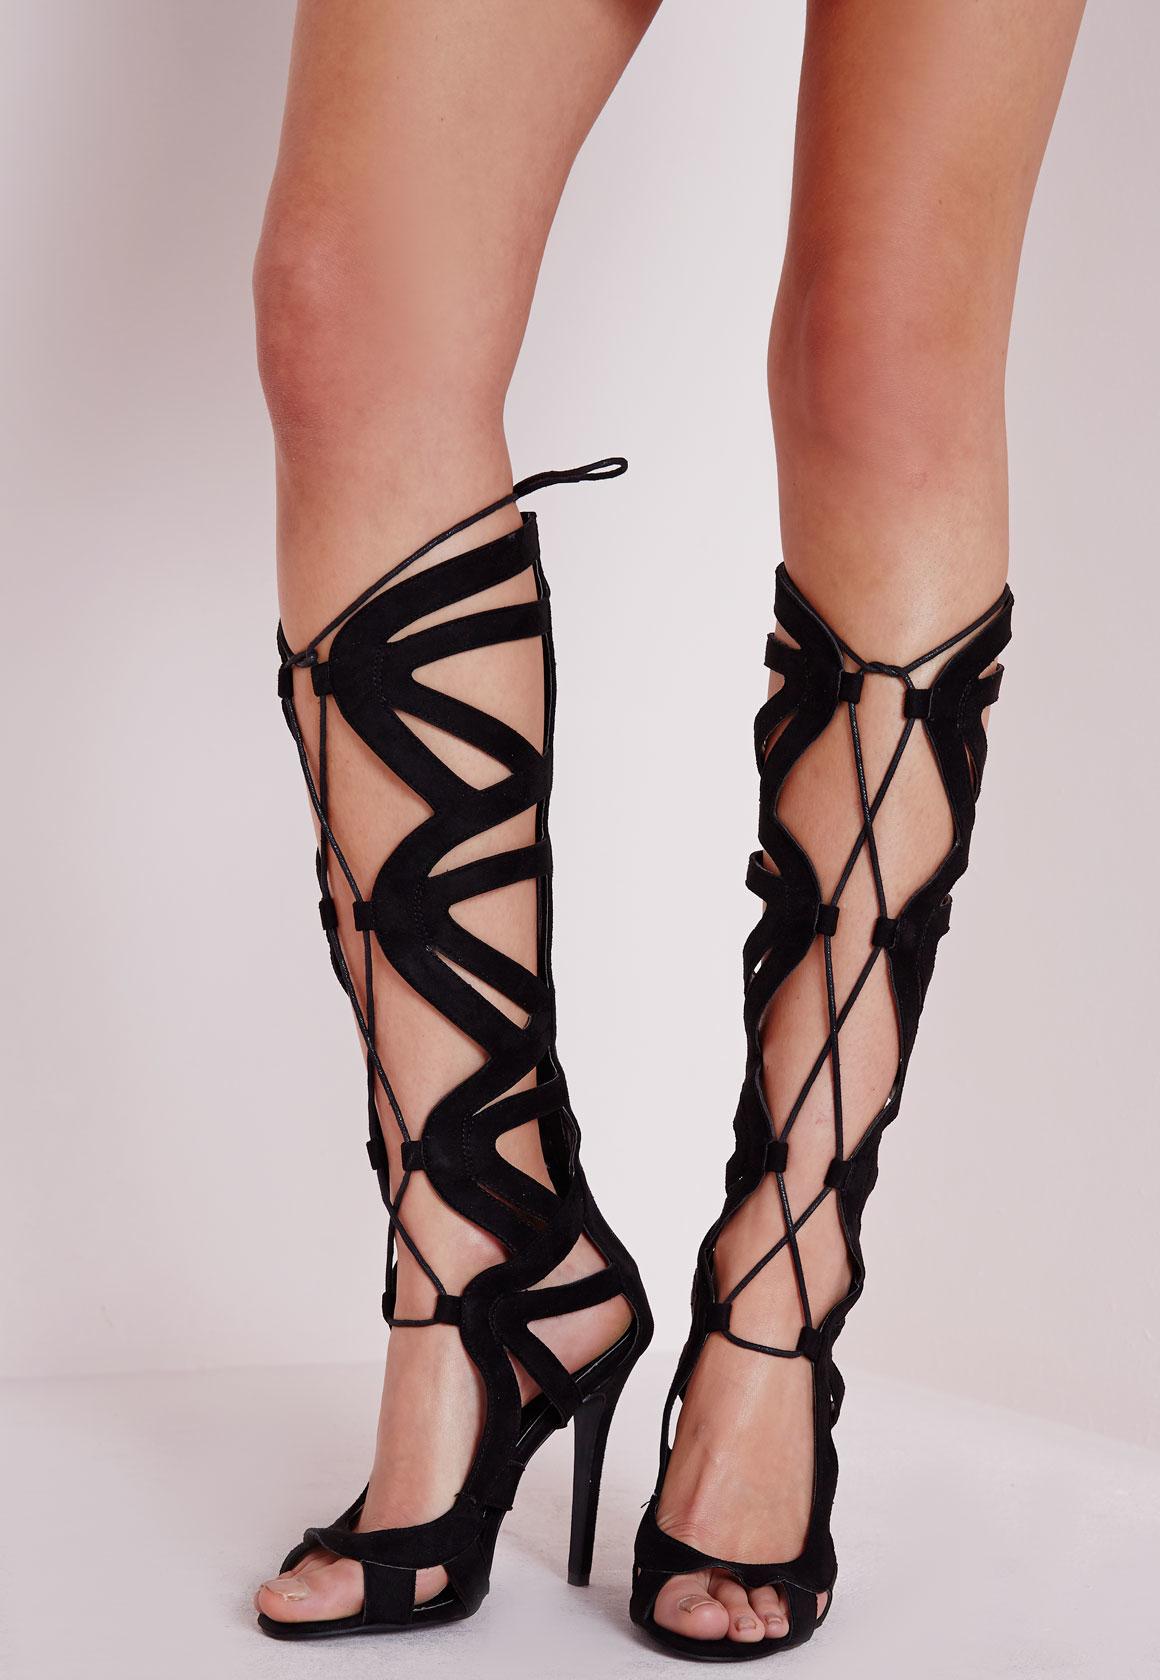 Gladiator Knee High Heel Sandals